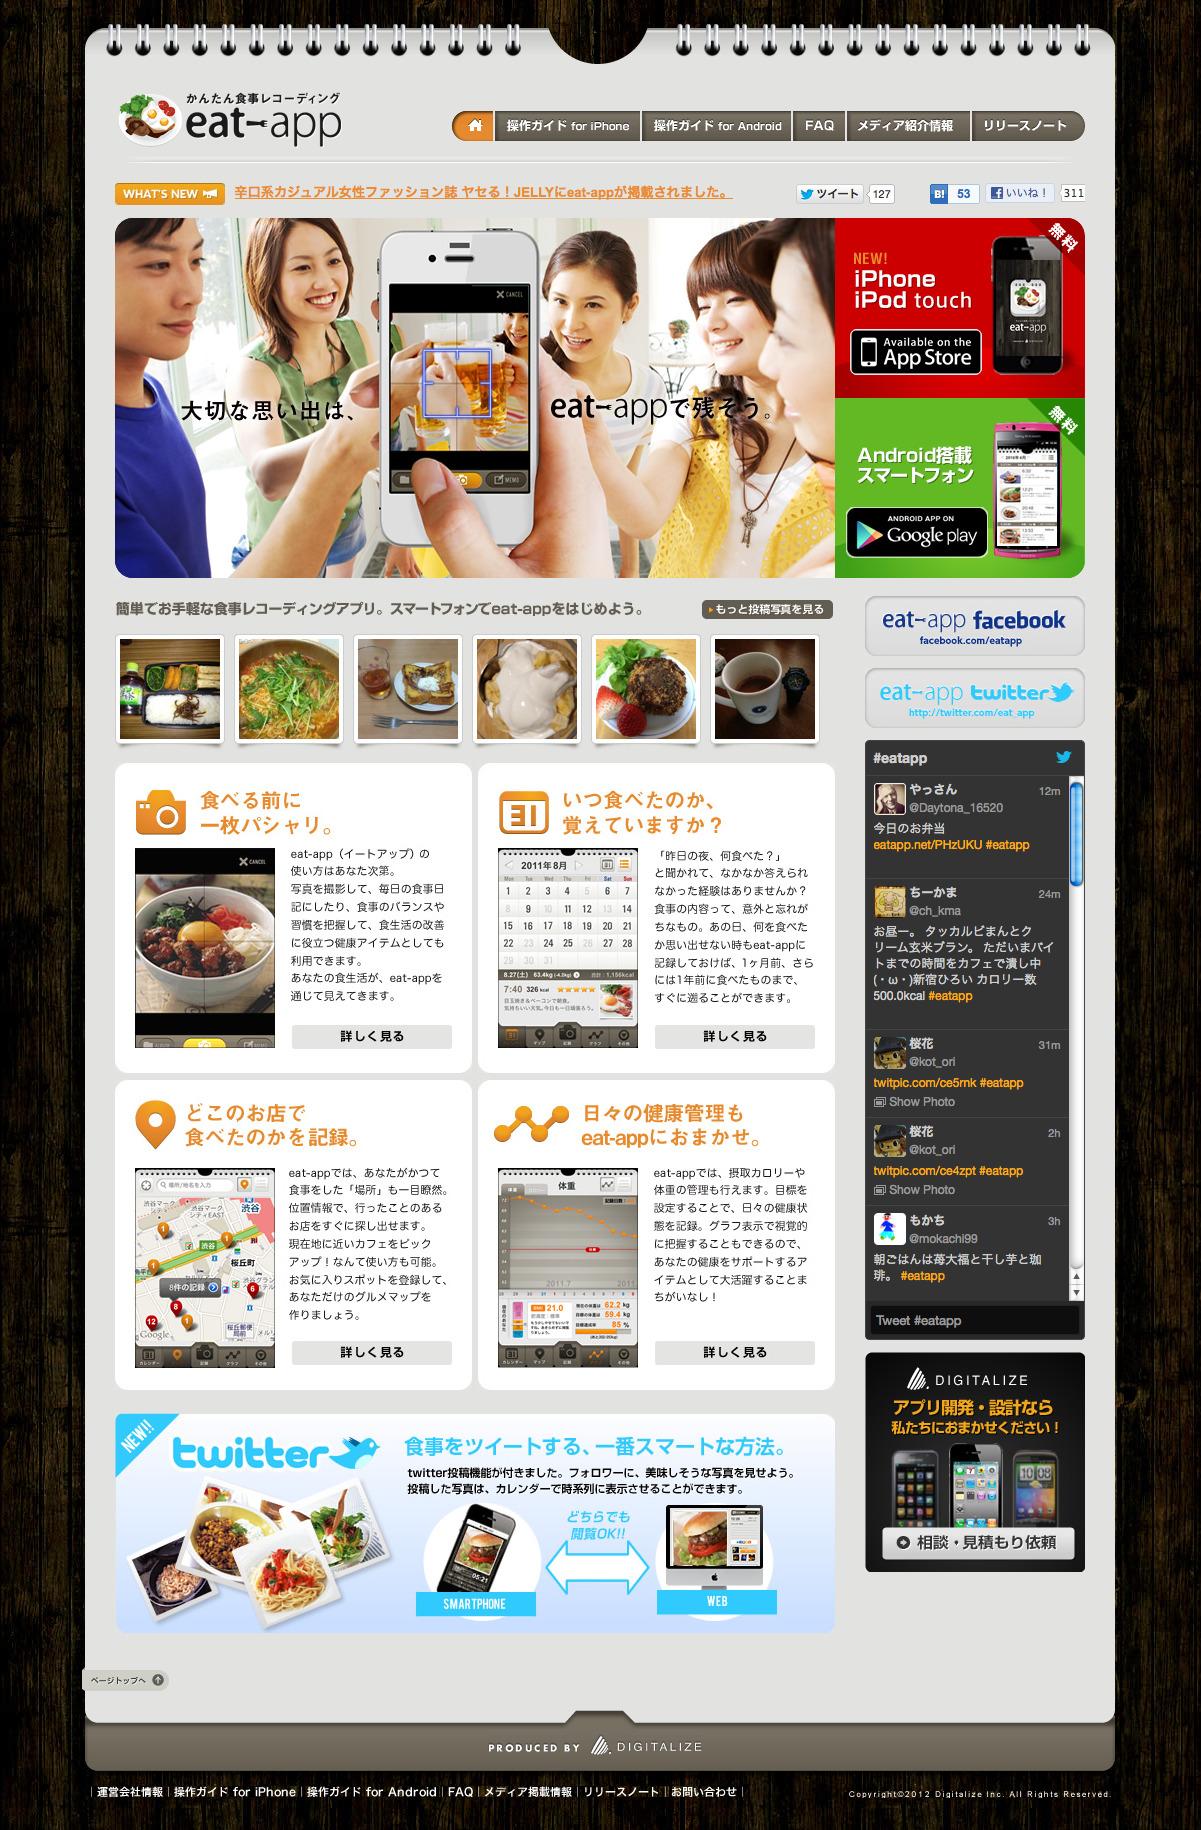 eat-app(イートアップ) |かんたん食事レコーディング